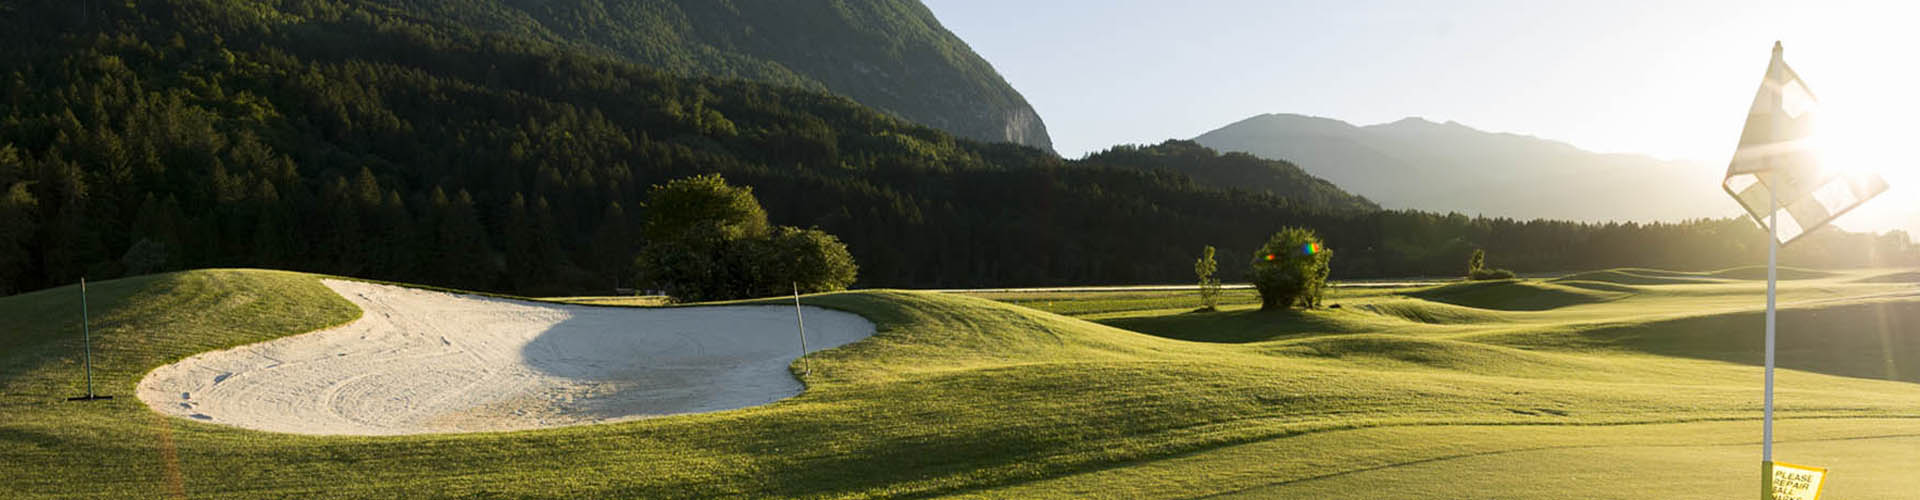 Golf - Stimmungsbild